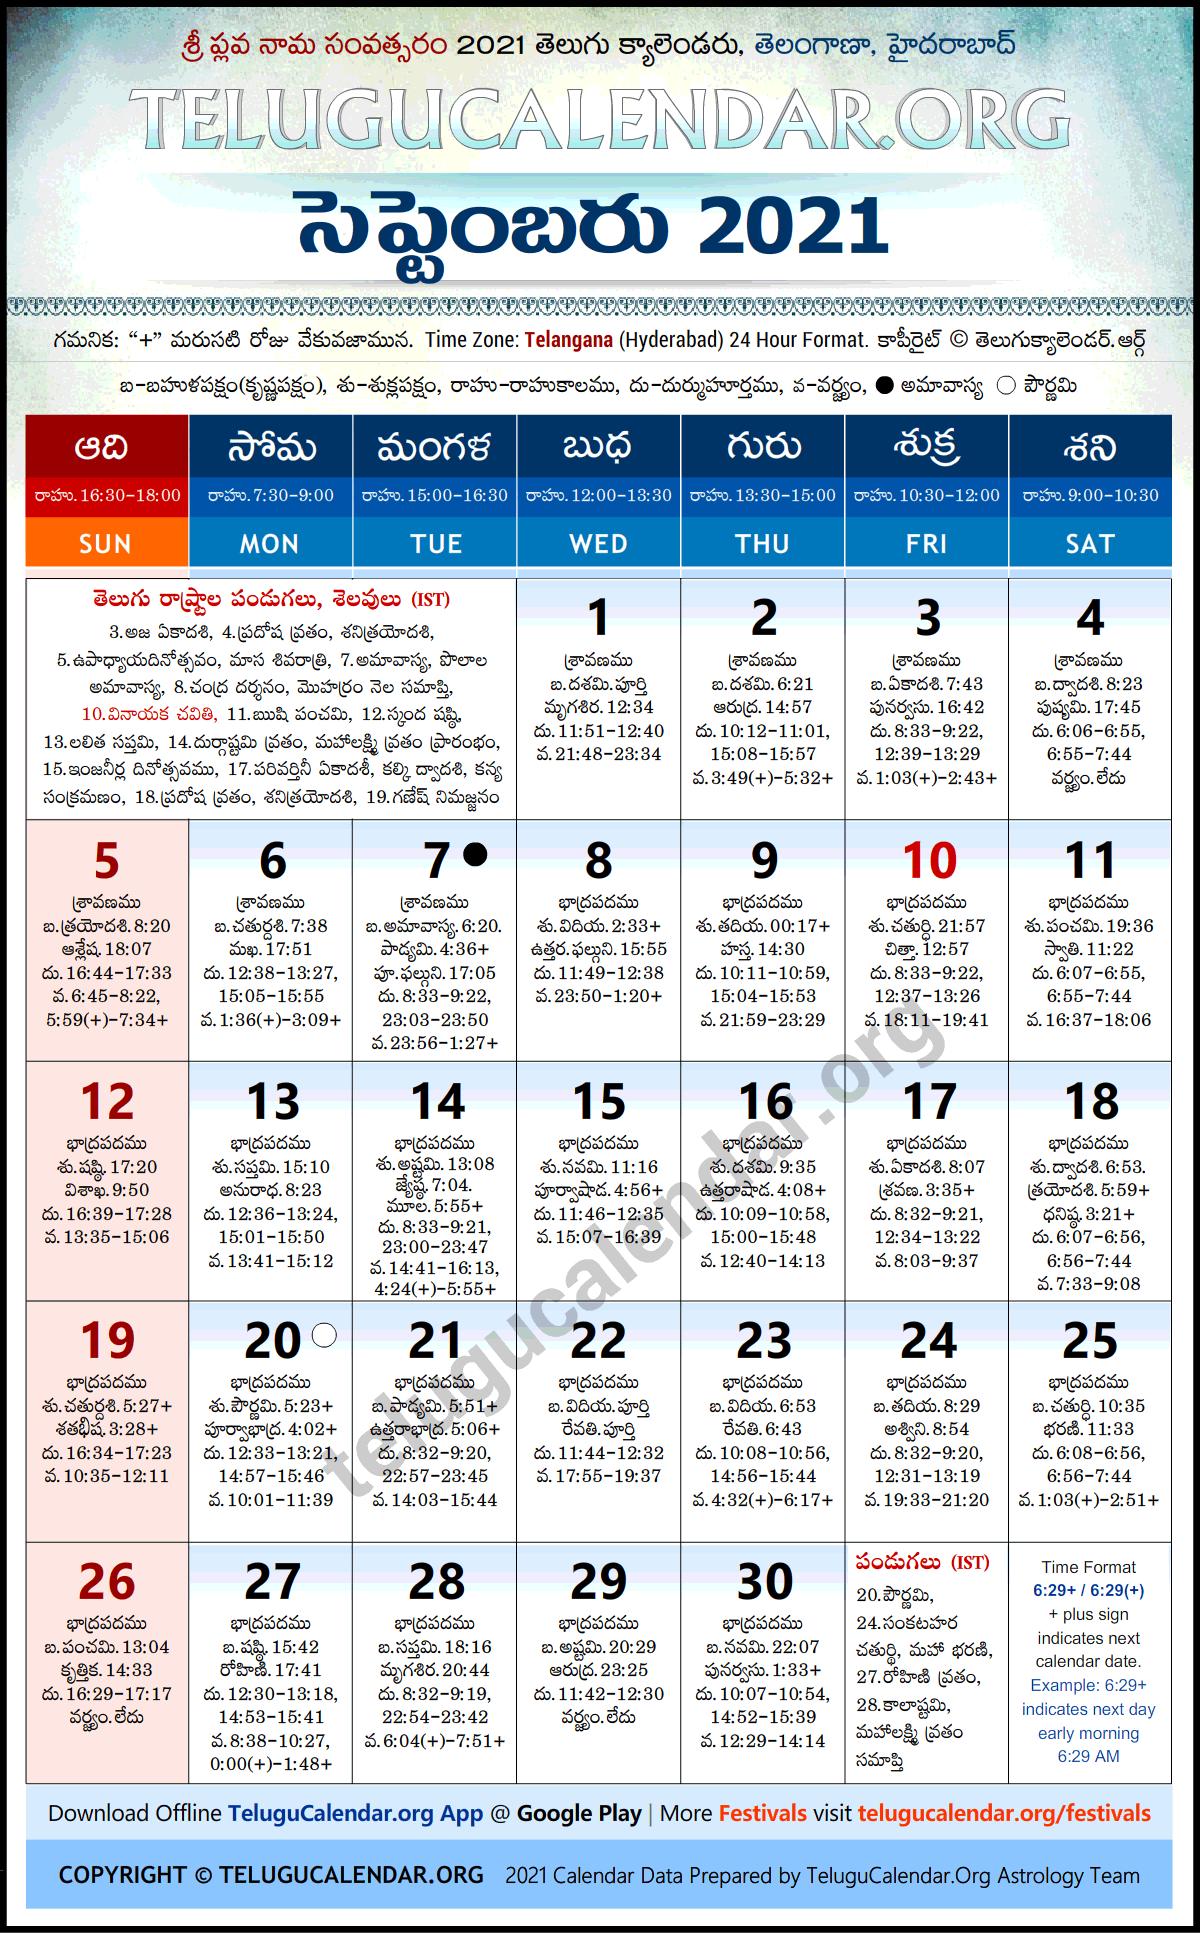 Telugu Calendar 2021 September Telangana 2021 September Telugu Calendar Festivals & Holidays